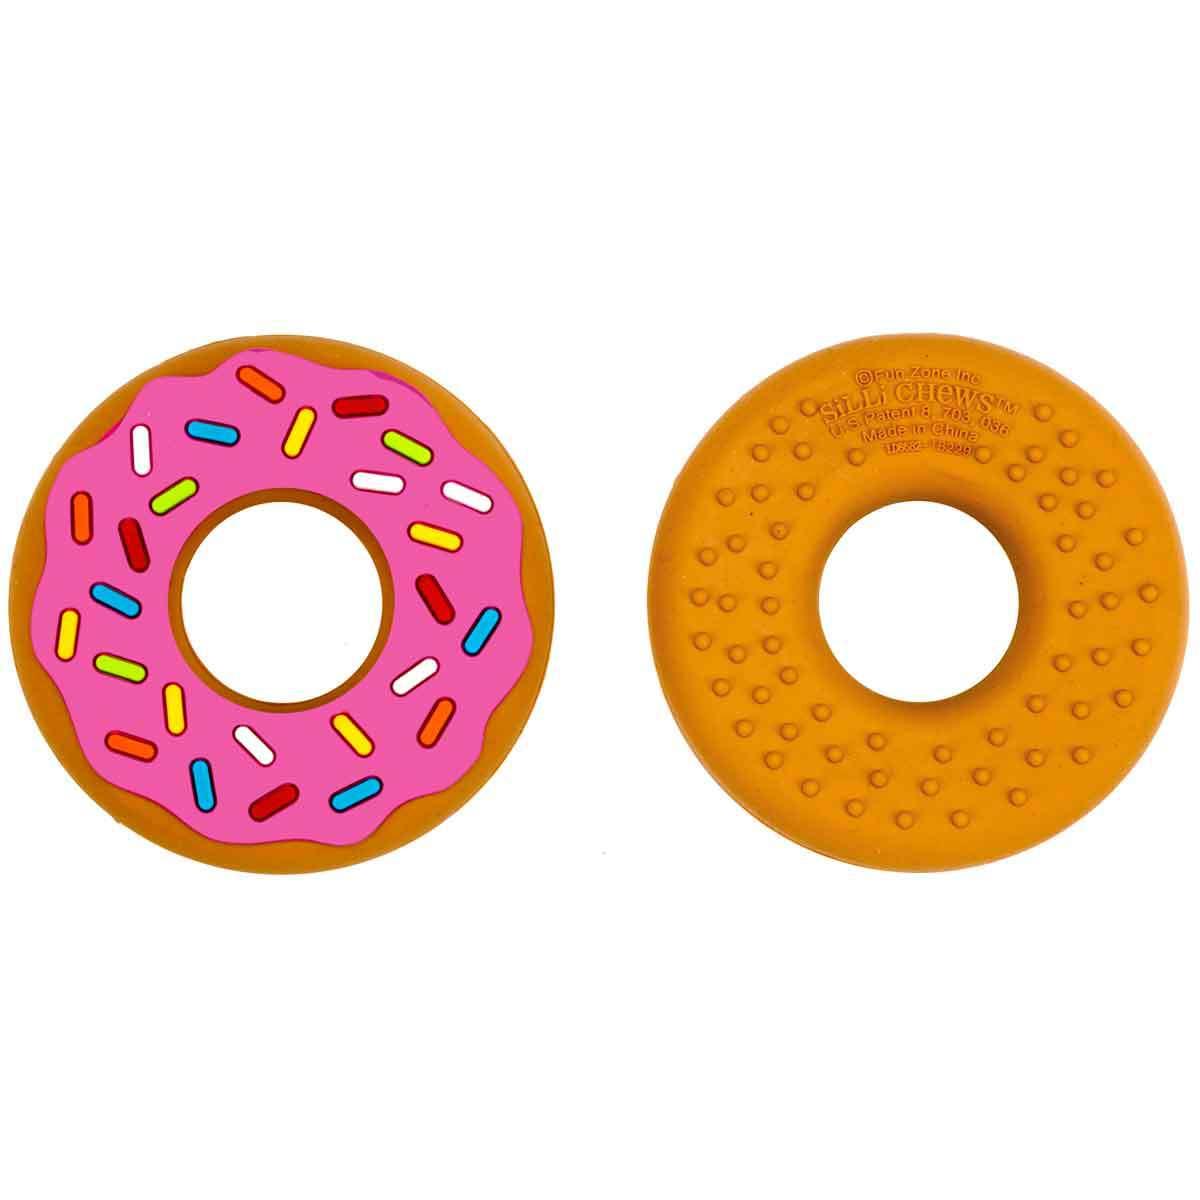 Dentition Jouet de Dentition Donut - Rose Jouet de Dentition Donut - Rose